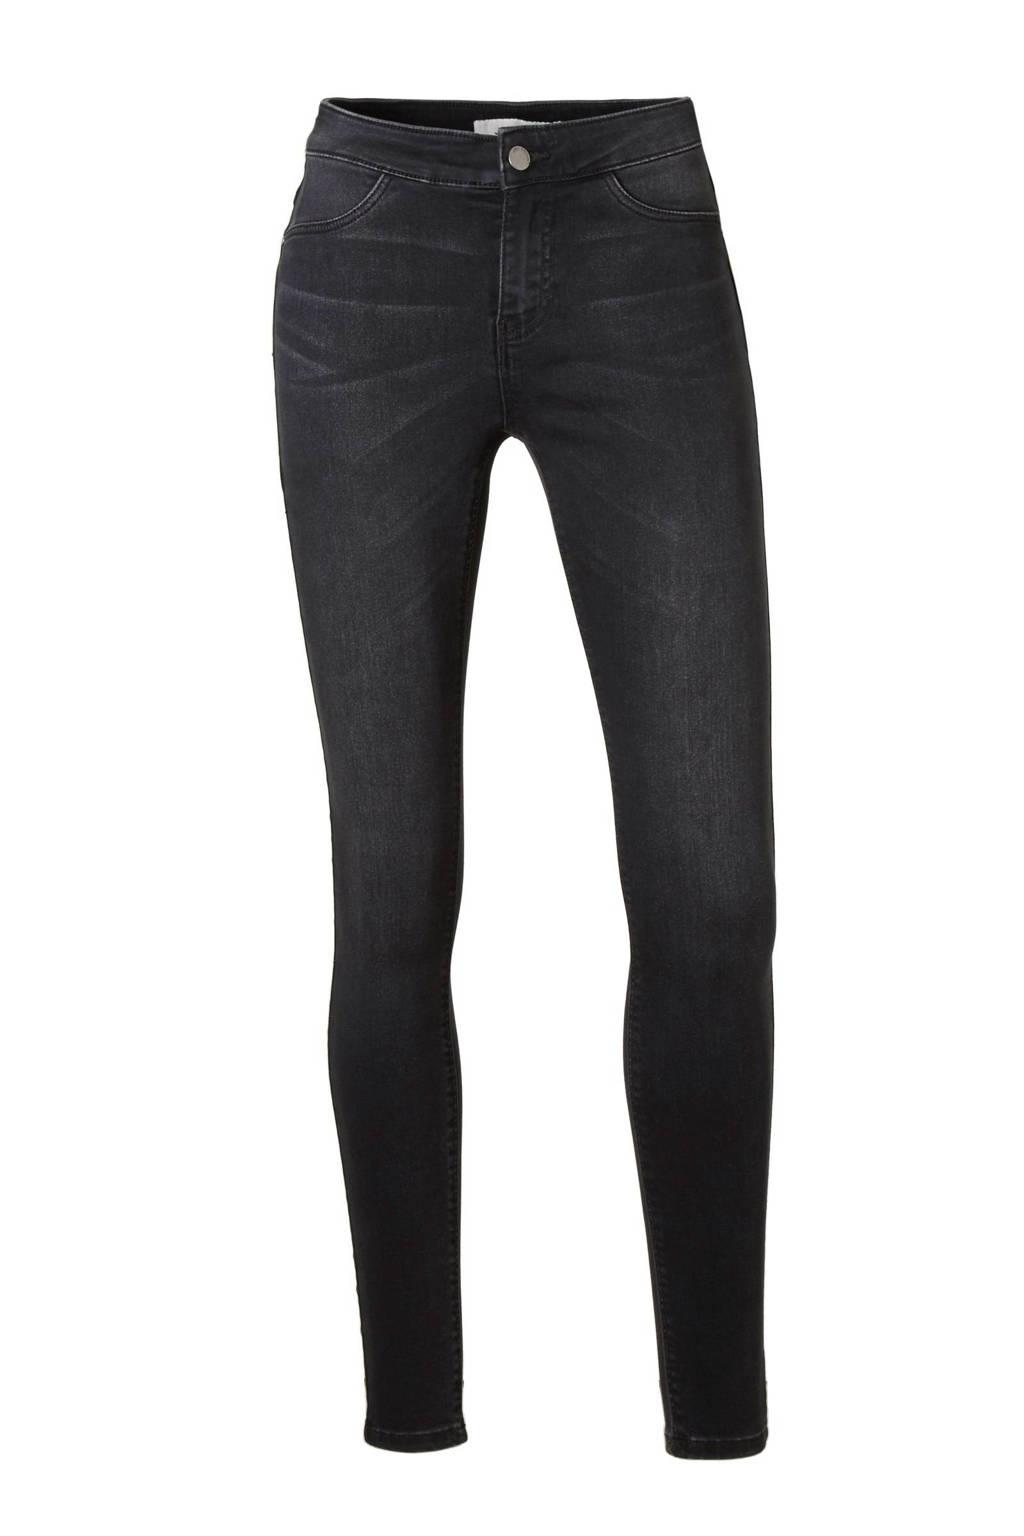 JACQUELINE DE YONG jeans, Zwart